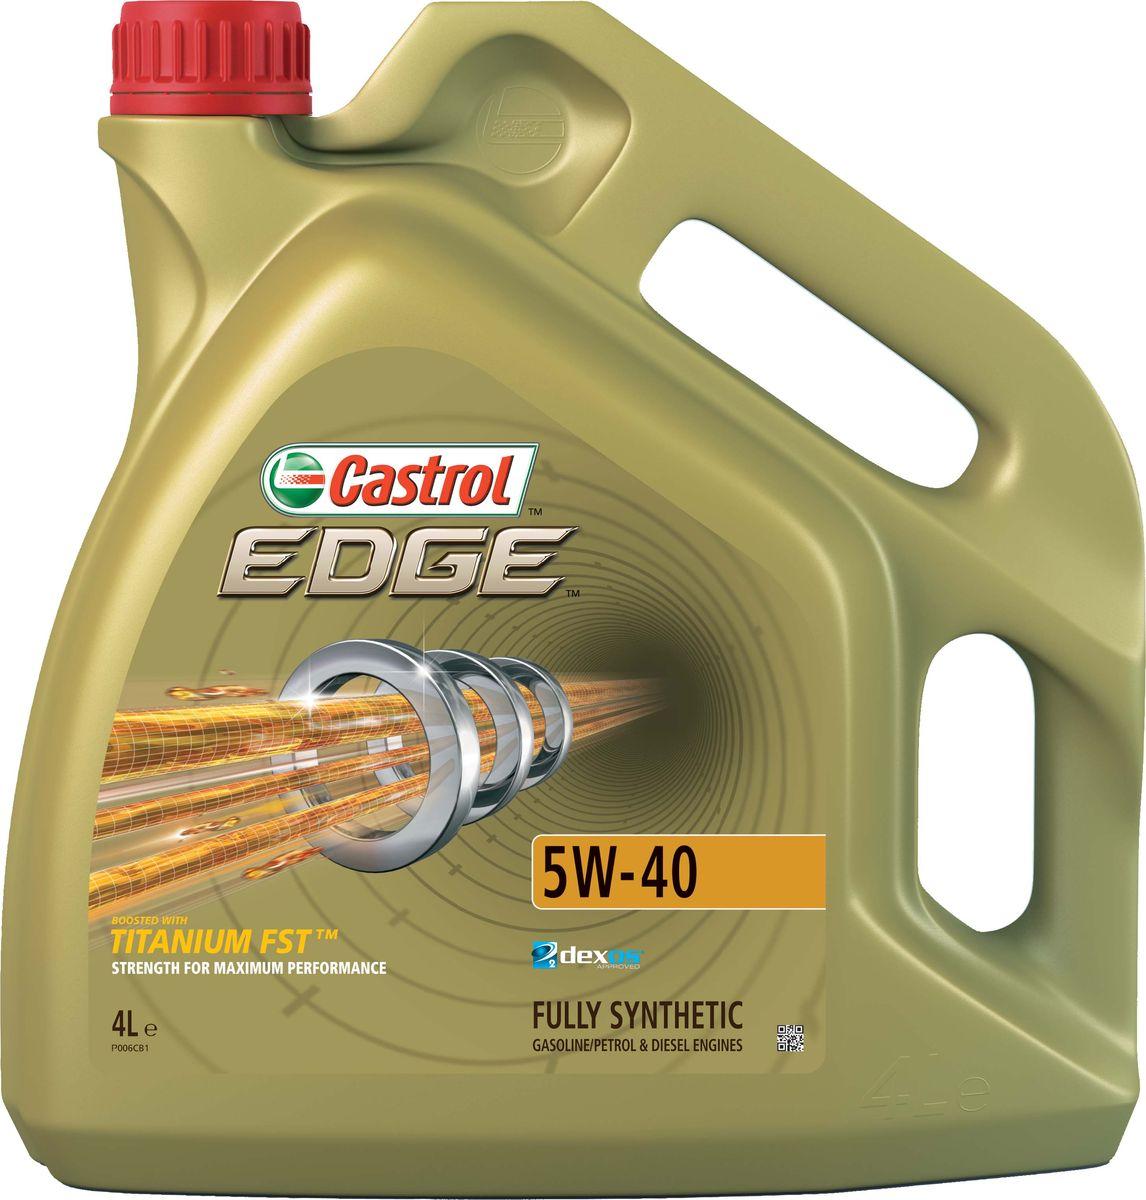 Масло моторное Castrol Edge, синтетическое, класс вязкости 5W-40, 4 л157B1CПолностью синтетическое моторное масло Castrol Edge произведено с использованием новейшей технологии TITANIUM FST™, придающей масляной пленке дополнительную силу и прочность благодаря соединениям титана.TITANIUM FST™ радикально меняет поведение масла в условиях экстремальных нагрузок, формируя дополнительный ударопоглащающий слой. Испытания подтвердили, что TITANIUM FST™ в 2 раза увеличивает прочность пленки, предотвращая ее разрыв и снижая трение для максимальной производительности двигателя.С Castrol Edge ваш автомобиль готов к любым испытаниям независимо от дорожных условий.Castrol Edge предназначено для бензиновых и дизельных двигателей автомобилей, где производитель рекомендует моторные масла спецификаций ACEA C3, API SN или более ранних. Castrol Edge одобрено к применению ведущими производителями техники.Castrol Edge обеспечивает надежную и максимально эффективную работу современныхвысокотехнологичных двигателей, созданных по новейшим инженерным разработкам, которые работают в условиях ужесточенных допусков производителей техники, требующих высокого уровня защиты и использования маловязких масел.Castrol Edge:- поддерживает максимальную эффективность работы двигателя, как в краткосрочном периоде времени, так и на длительный срок эксплуатации;- подавляет образование отложений, способствуя повышению скорости реакции двигателя на нажатие педали акселератора;- обеспечивает непревзойденный уровень защиты мотора в разных условиях движения и широком диапазоне температур;- повышает КПД двигателя (независимо подтверждено);- обеспечивает и поддерживает максимальную мощность двигателя в течении длительного времени, даже в условиях интенсивной эксплуатации.Спецификации:ACEA C3,API SN,BMW Longlife-04,Meets Fiat 9.55535-S2,Meets Ford WSS-M2C917-A,MB-Approval 229.31/ 229.51,Renault RN 0700 / RN 0710,VW 502 00 / 505 00/ 505 00/ 505.01.Товар сертифицирован.